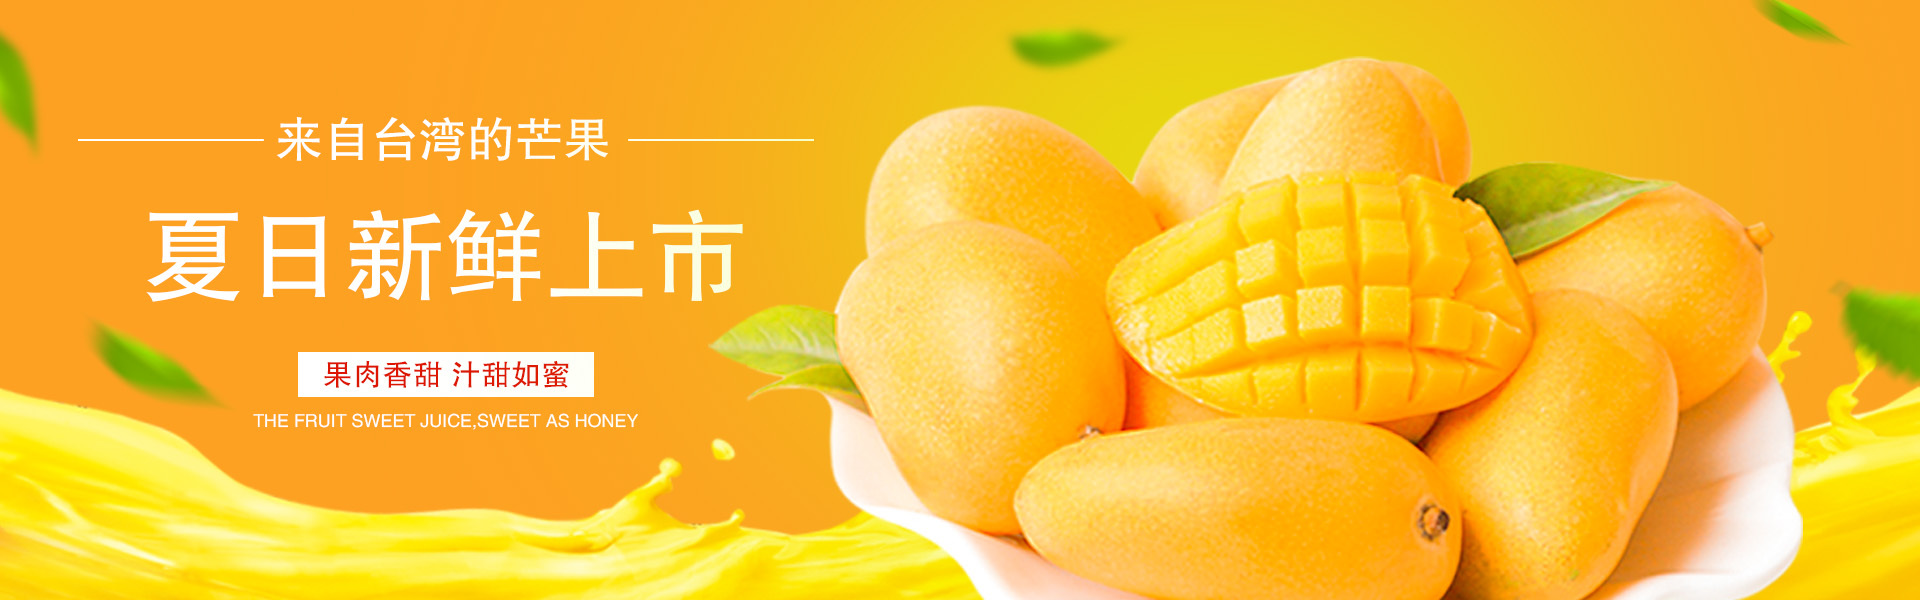 芒果广告banner